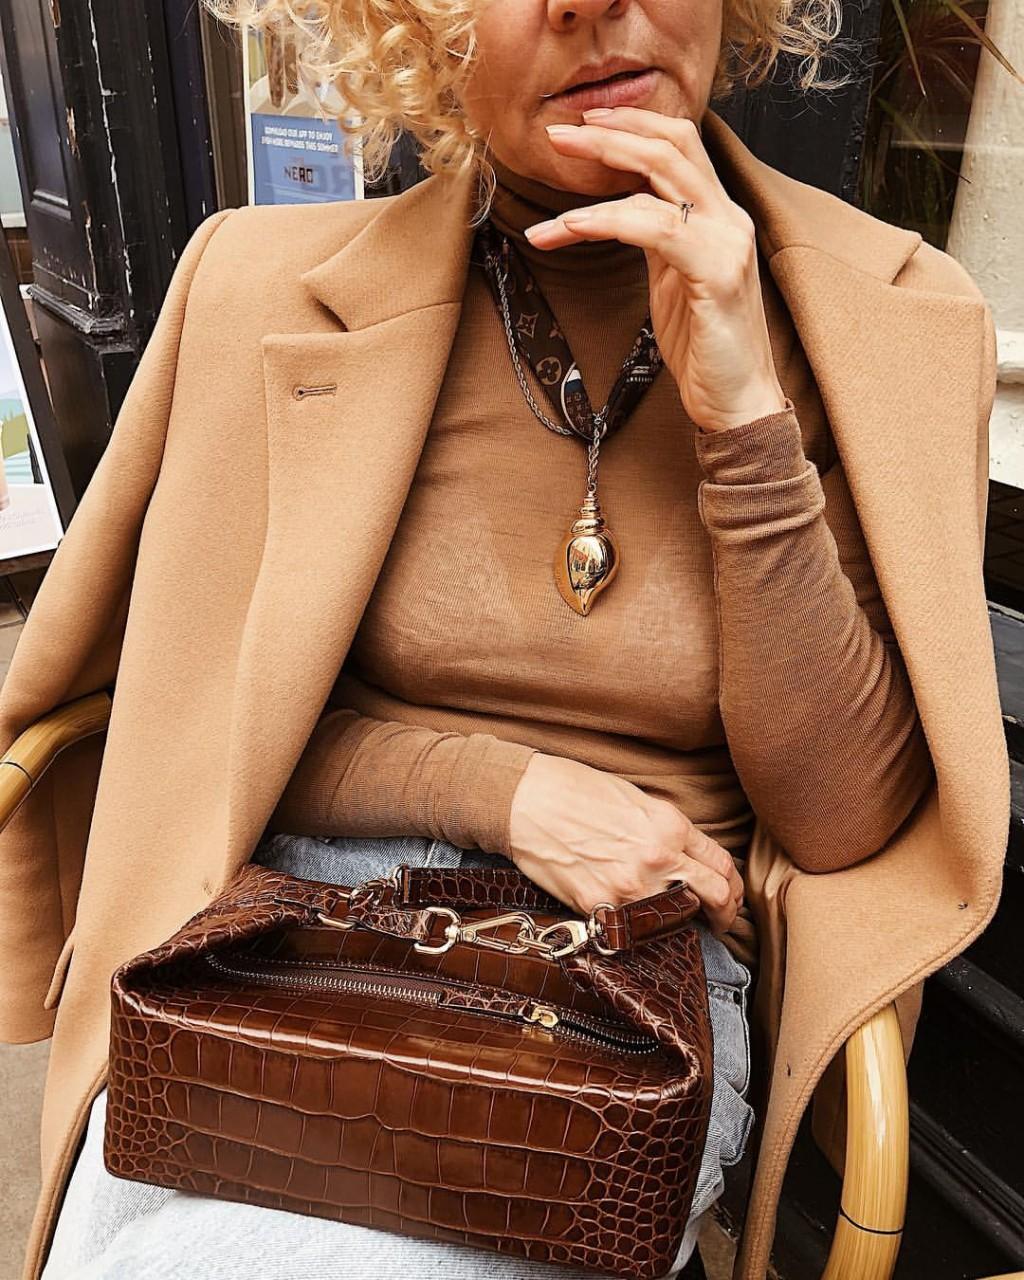 Эликсир молодости — подборка образов от фэшн-блогера за 45, чтобы выглядеть красиво и модно